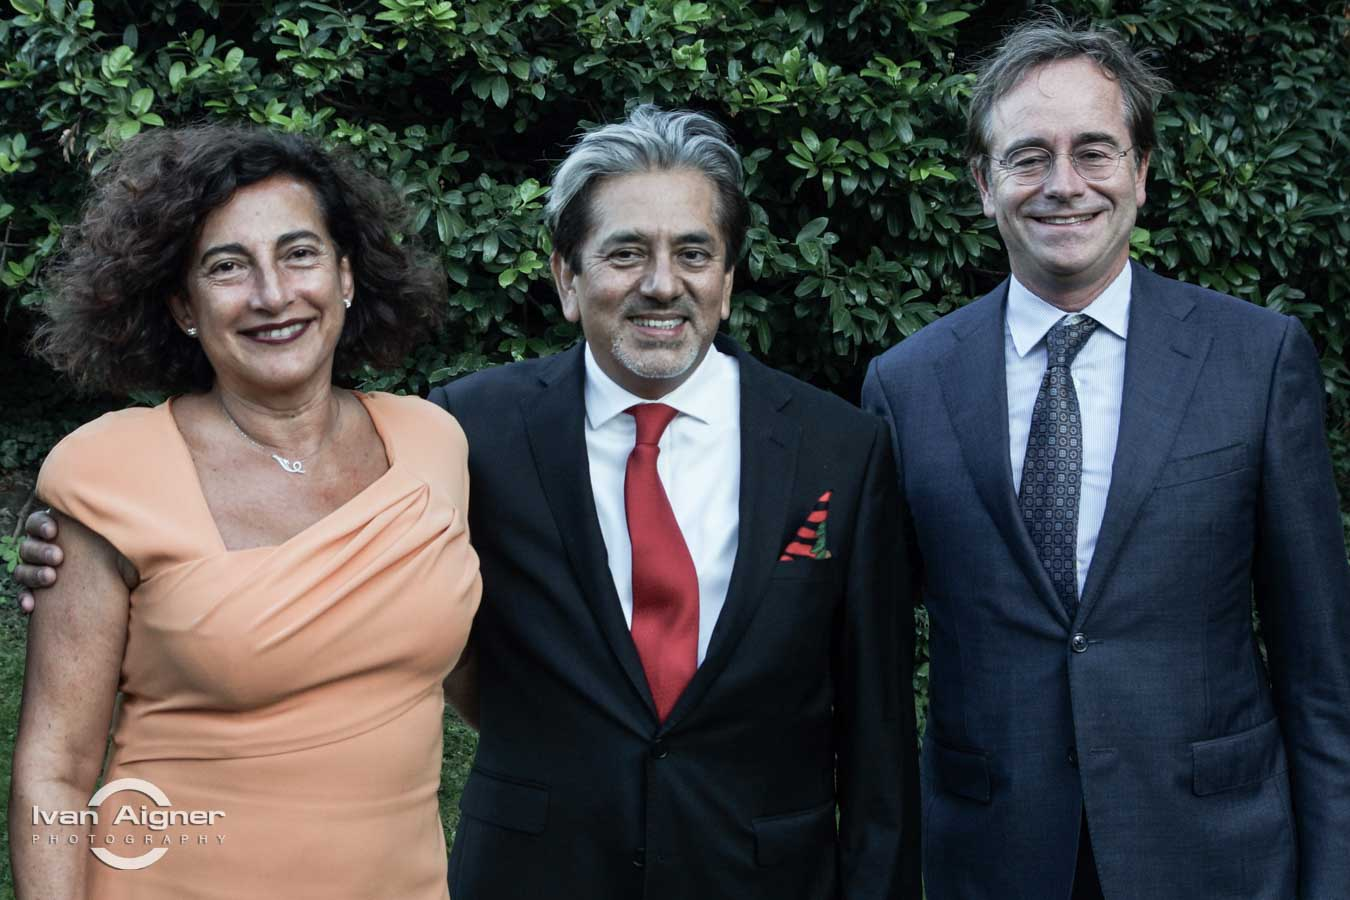 Őexc. David Nájera Rivas mexikói és Őexc. Verónica Chahin chilei és Őexc. René Enrico van Hell holland nagykövet